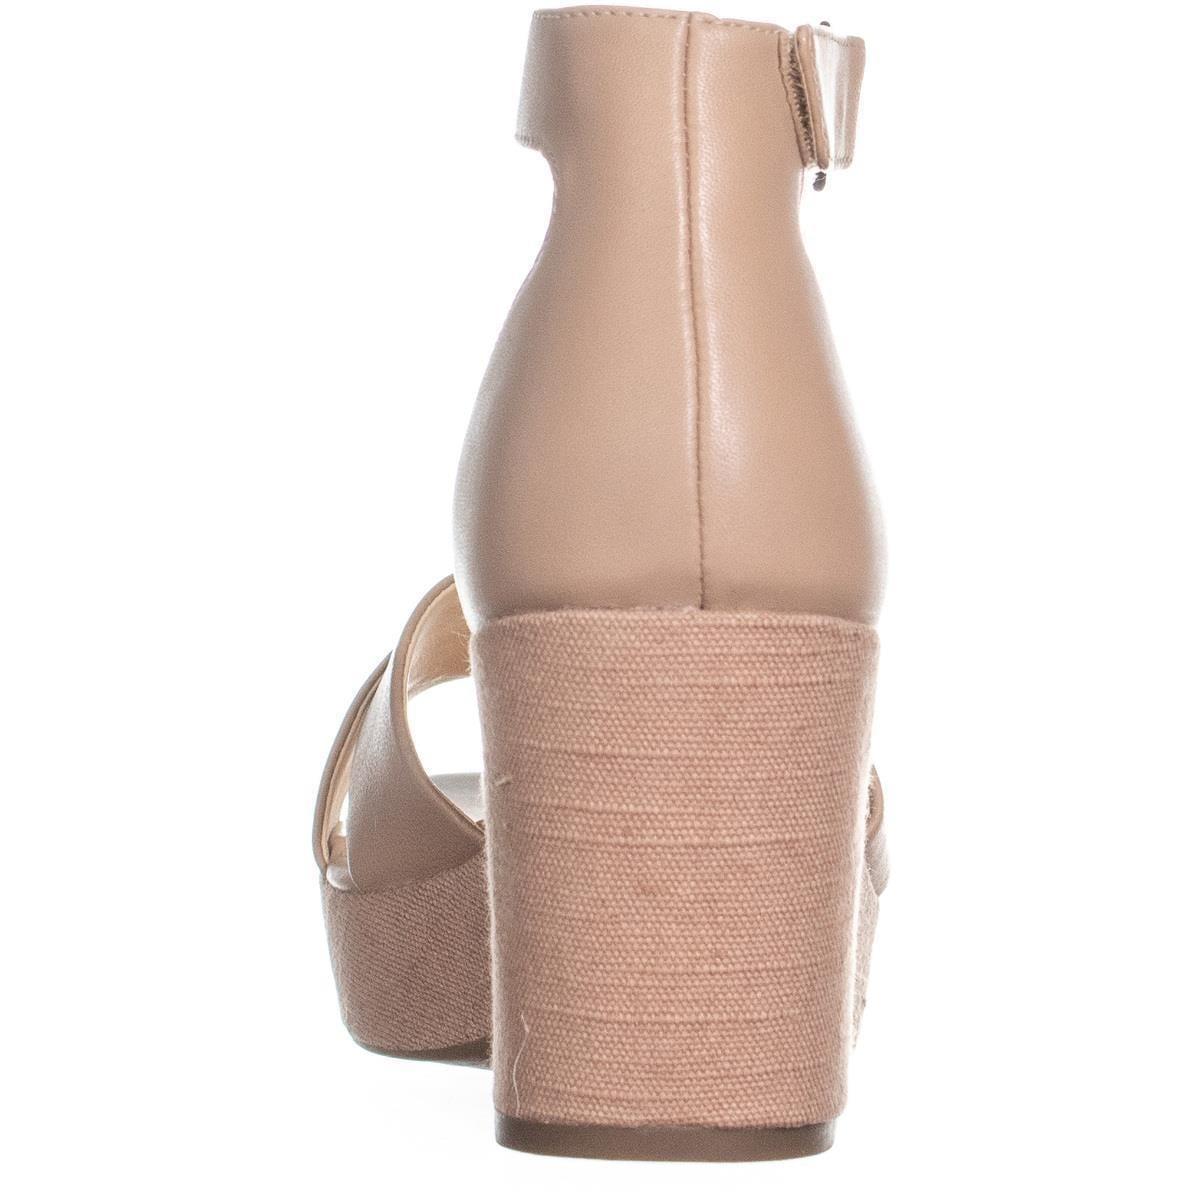 b50ed932da3e Shop Clarks Maritsa Ruth Platform Sandals